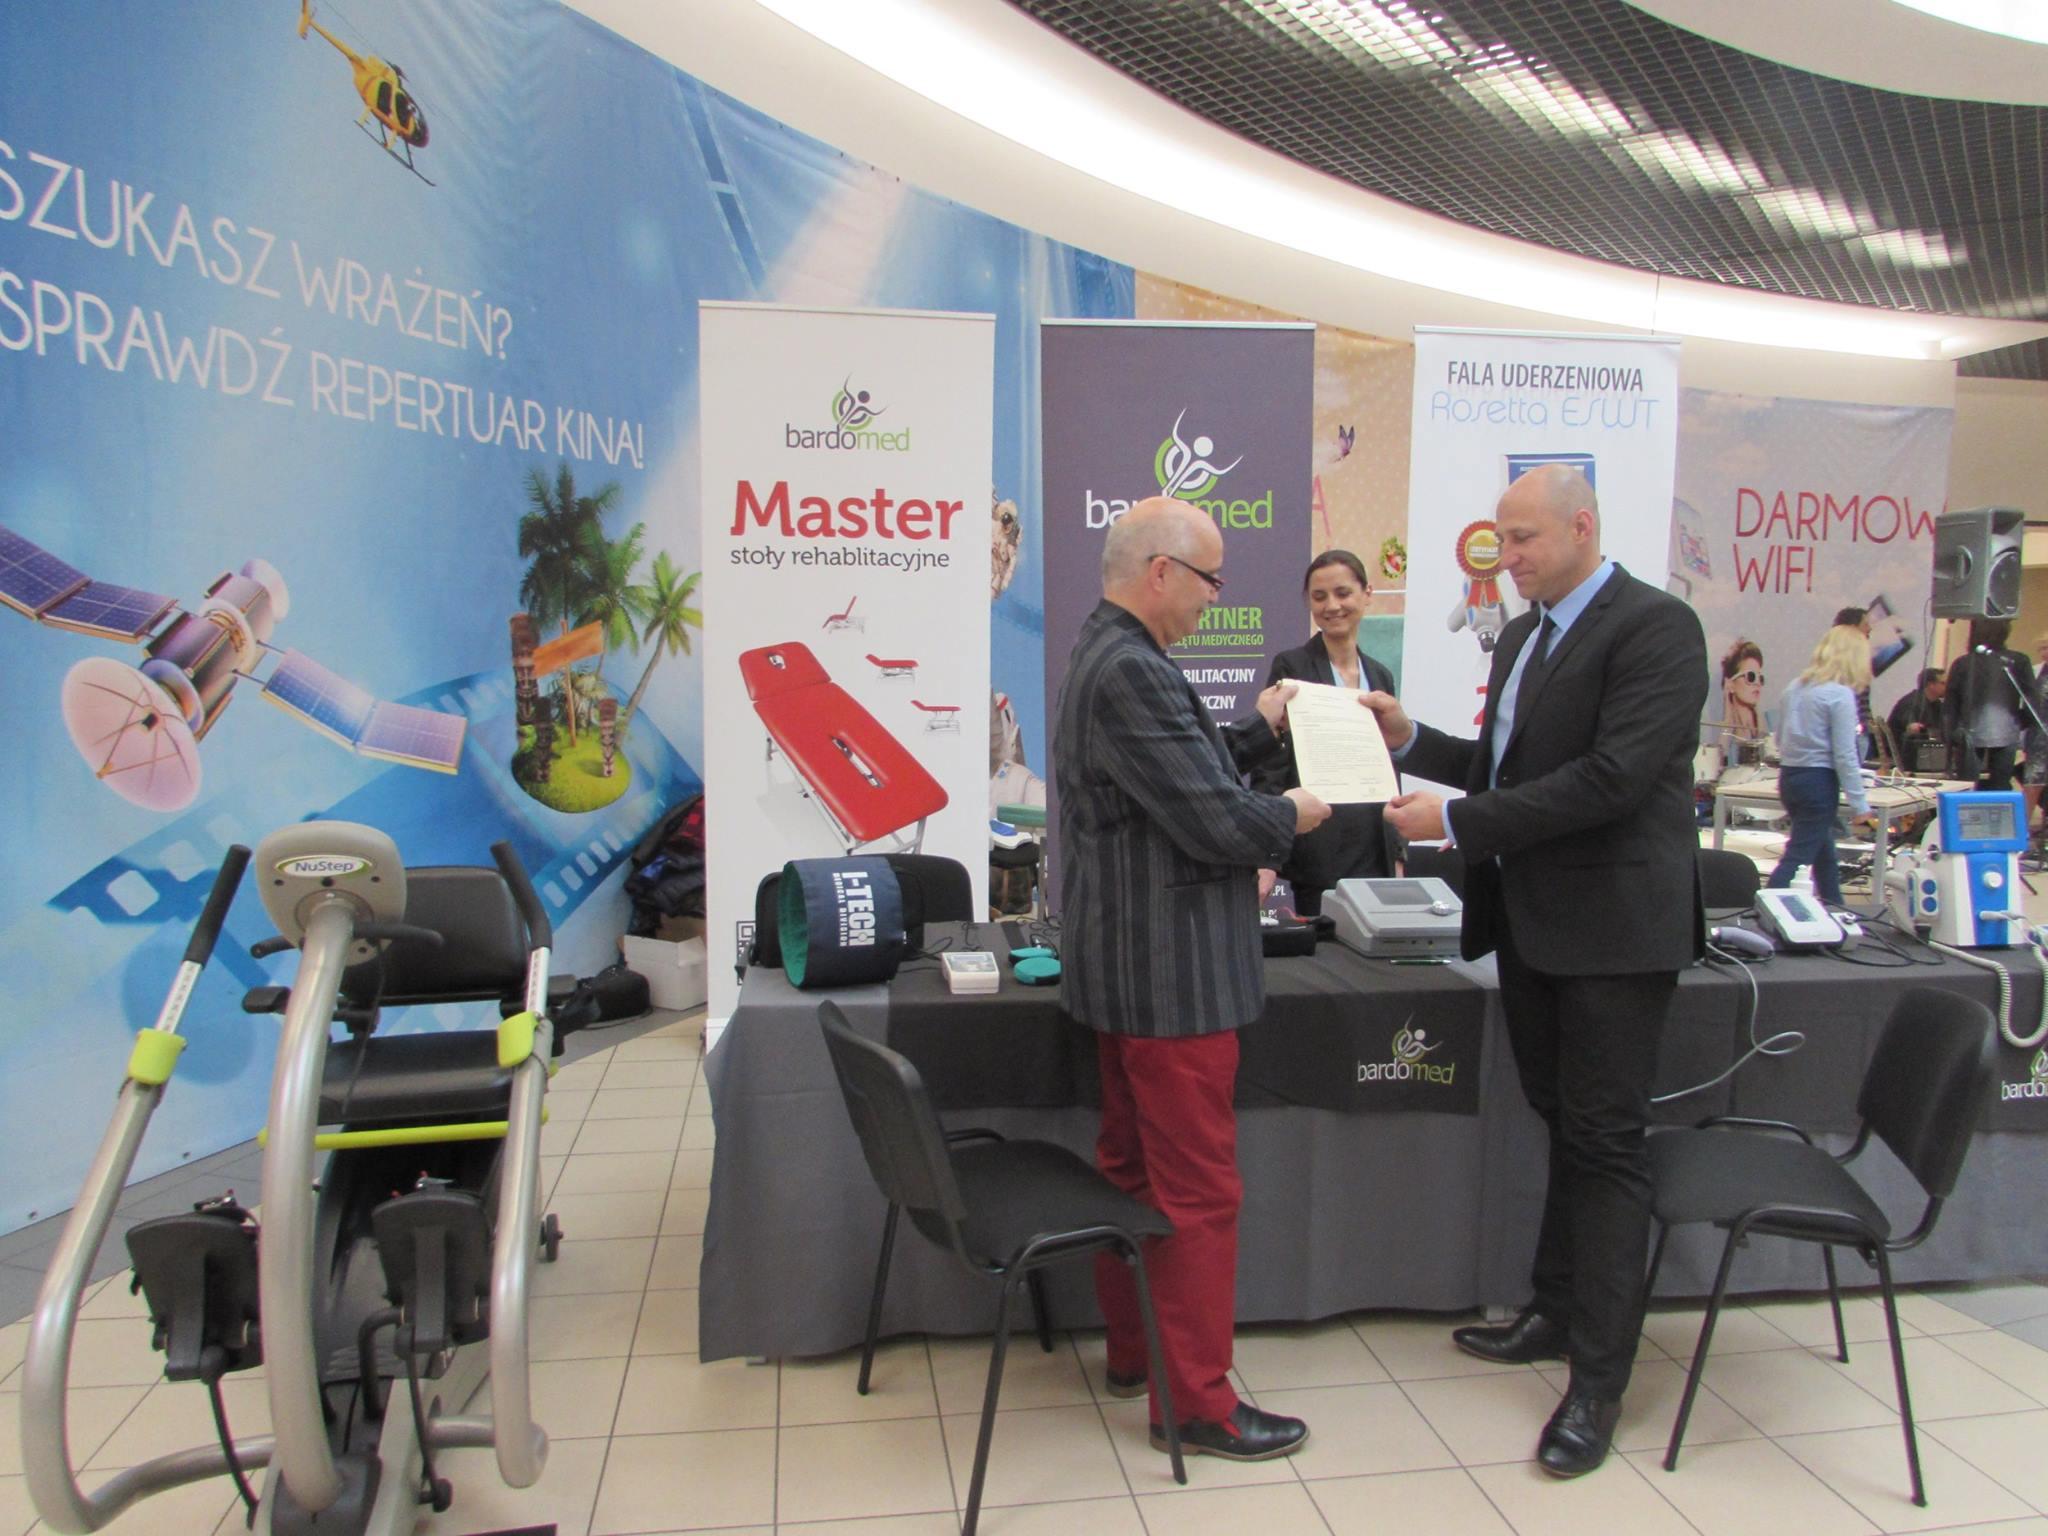 Nagroda, dyplom dla marki BardoMed - sklep rehabilitacyjny